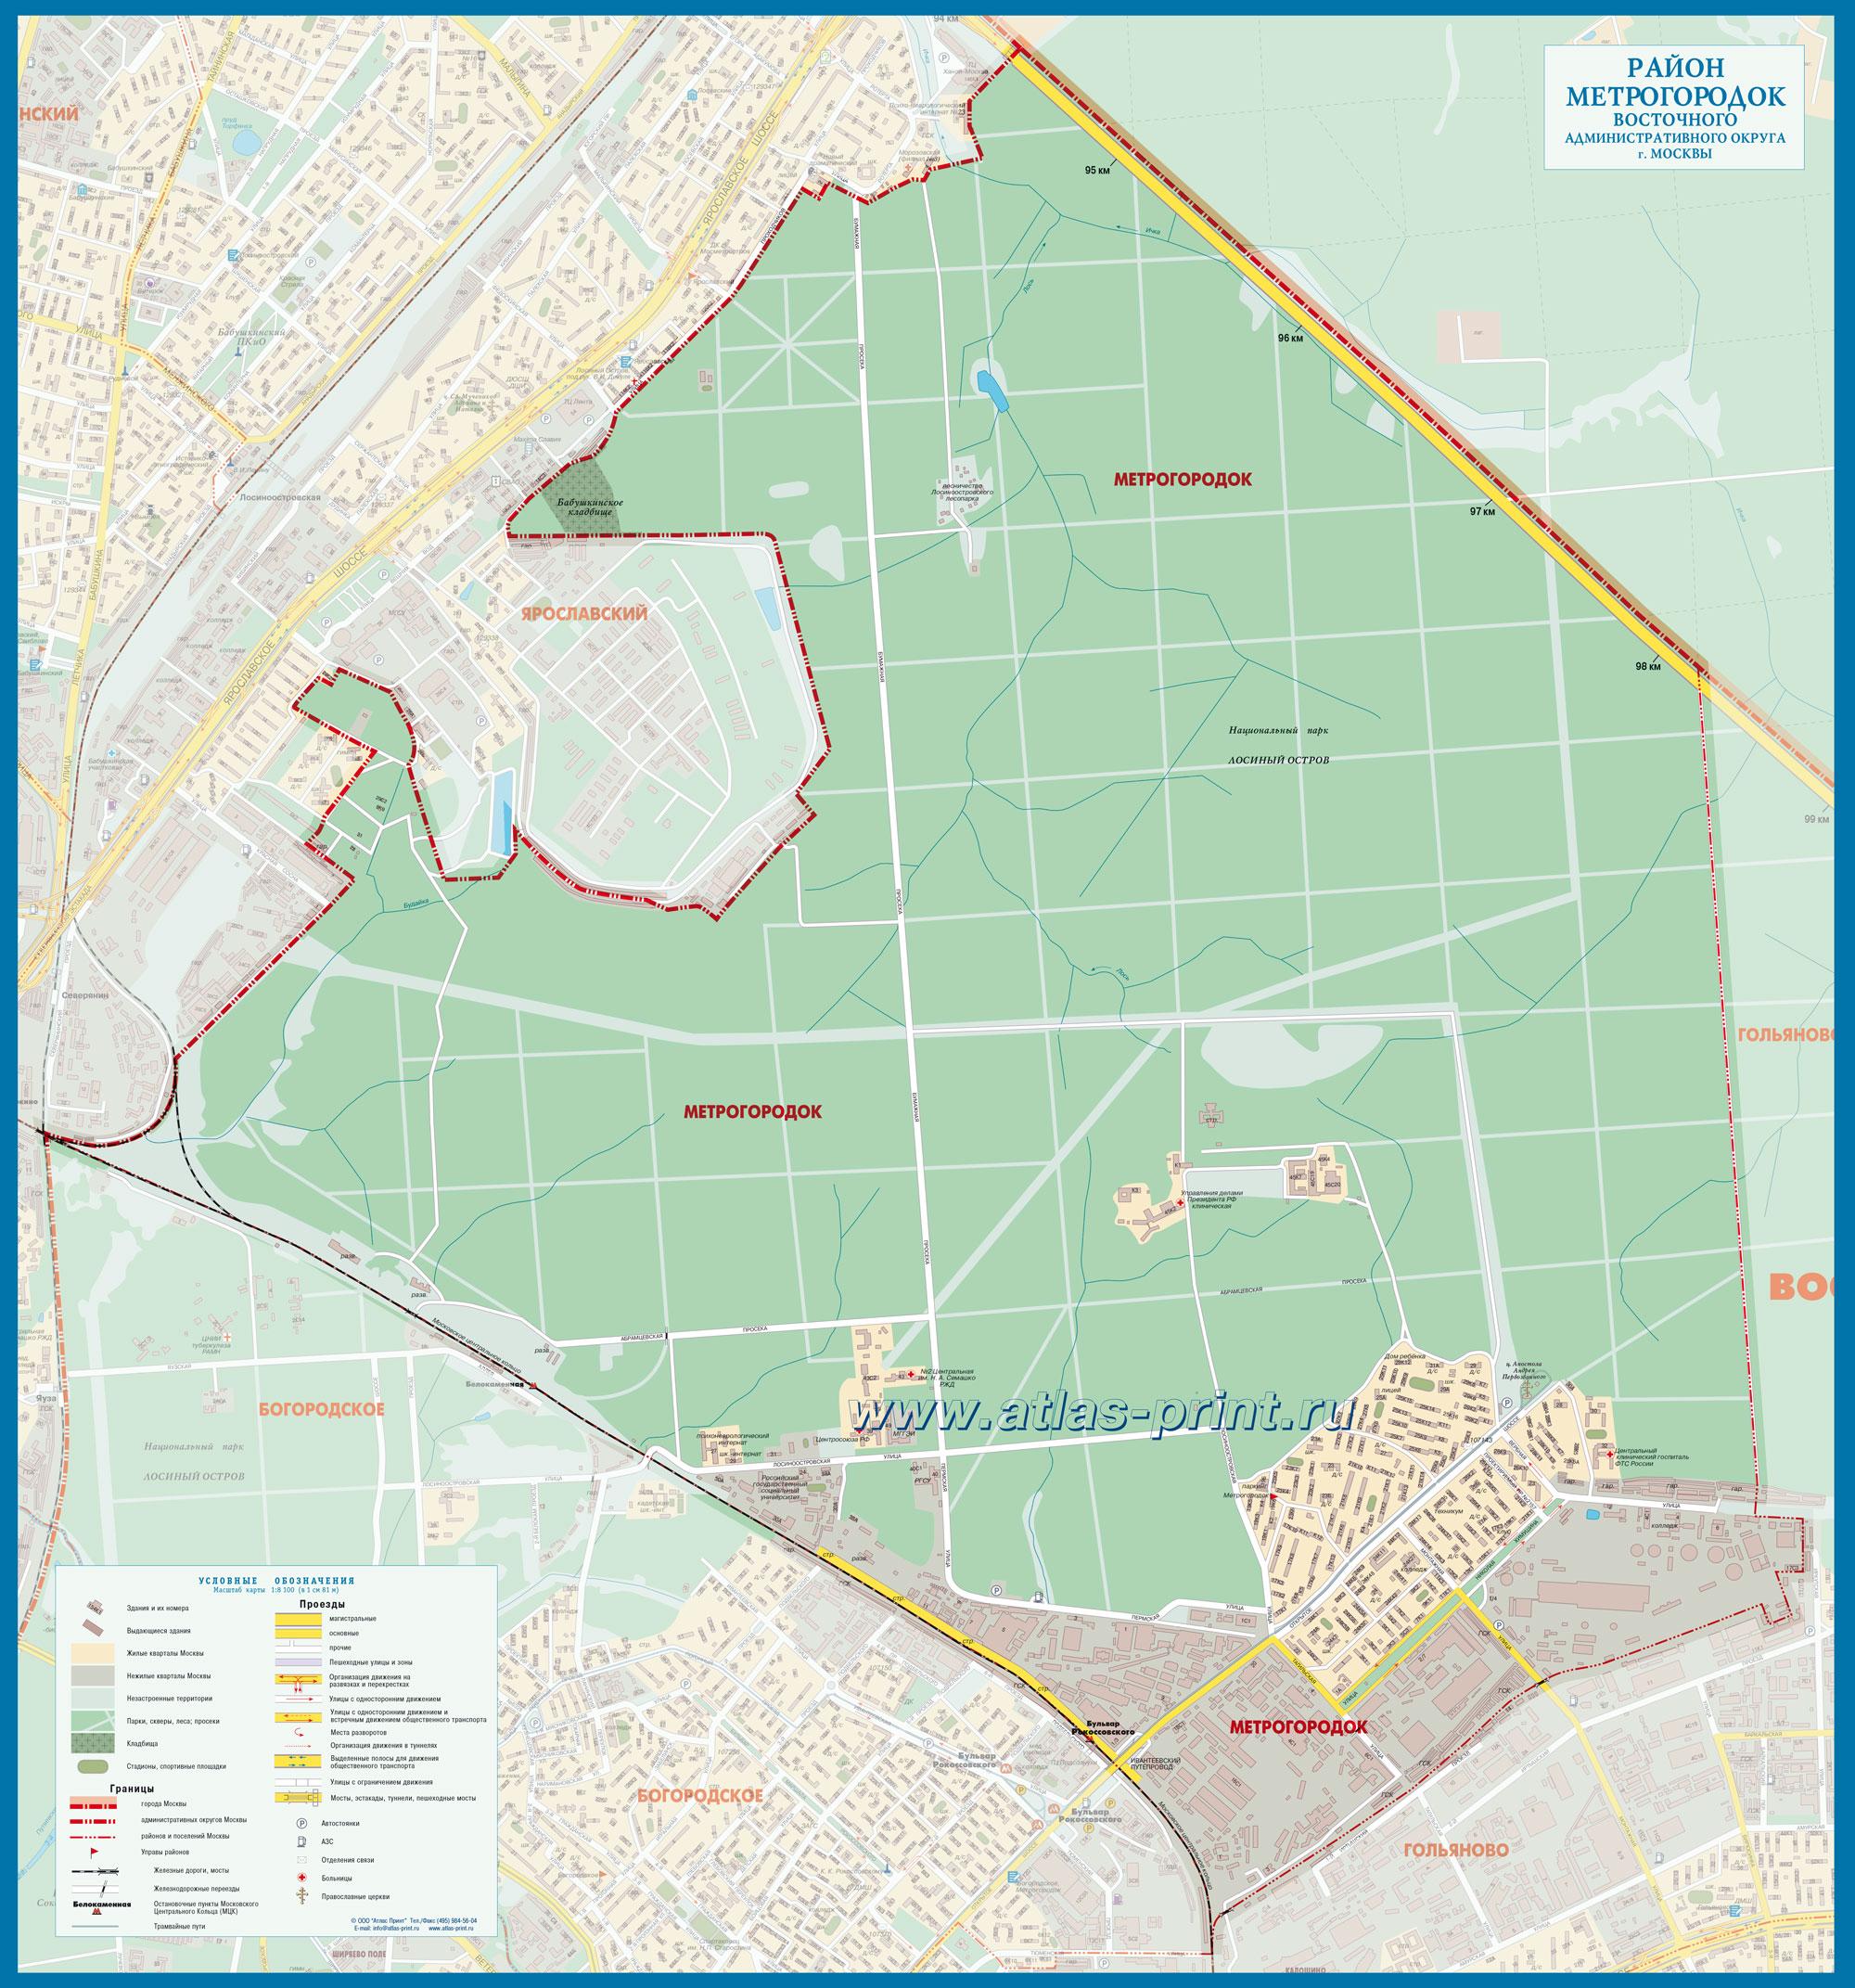 Настенная карта района МЕТРОГОРОДОК (Восточный административный округ г. Москвы) 0,91*1,00м, ламинированная